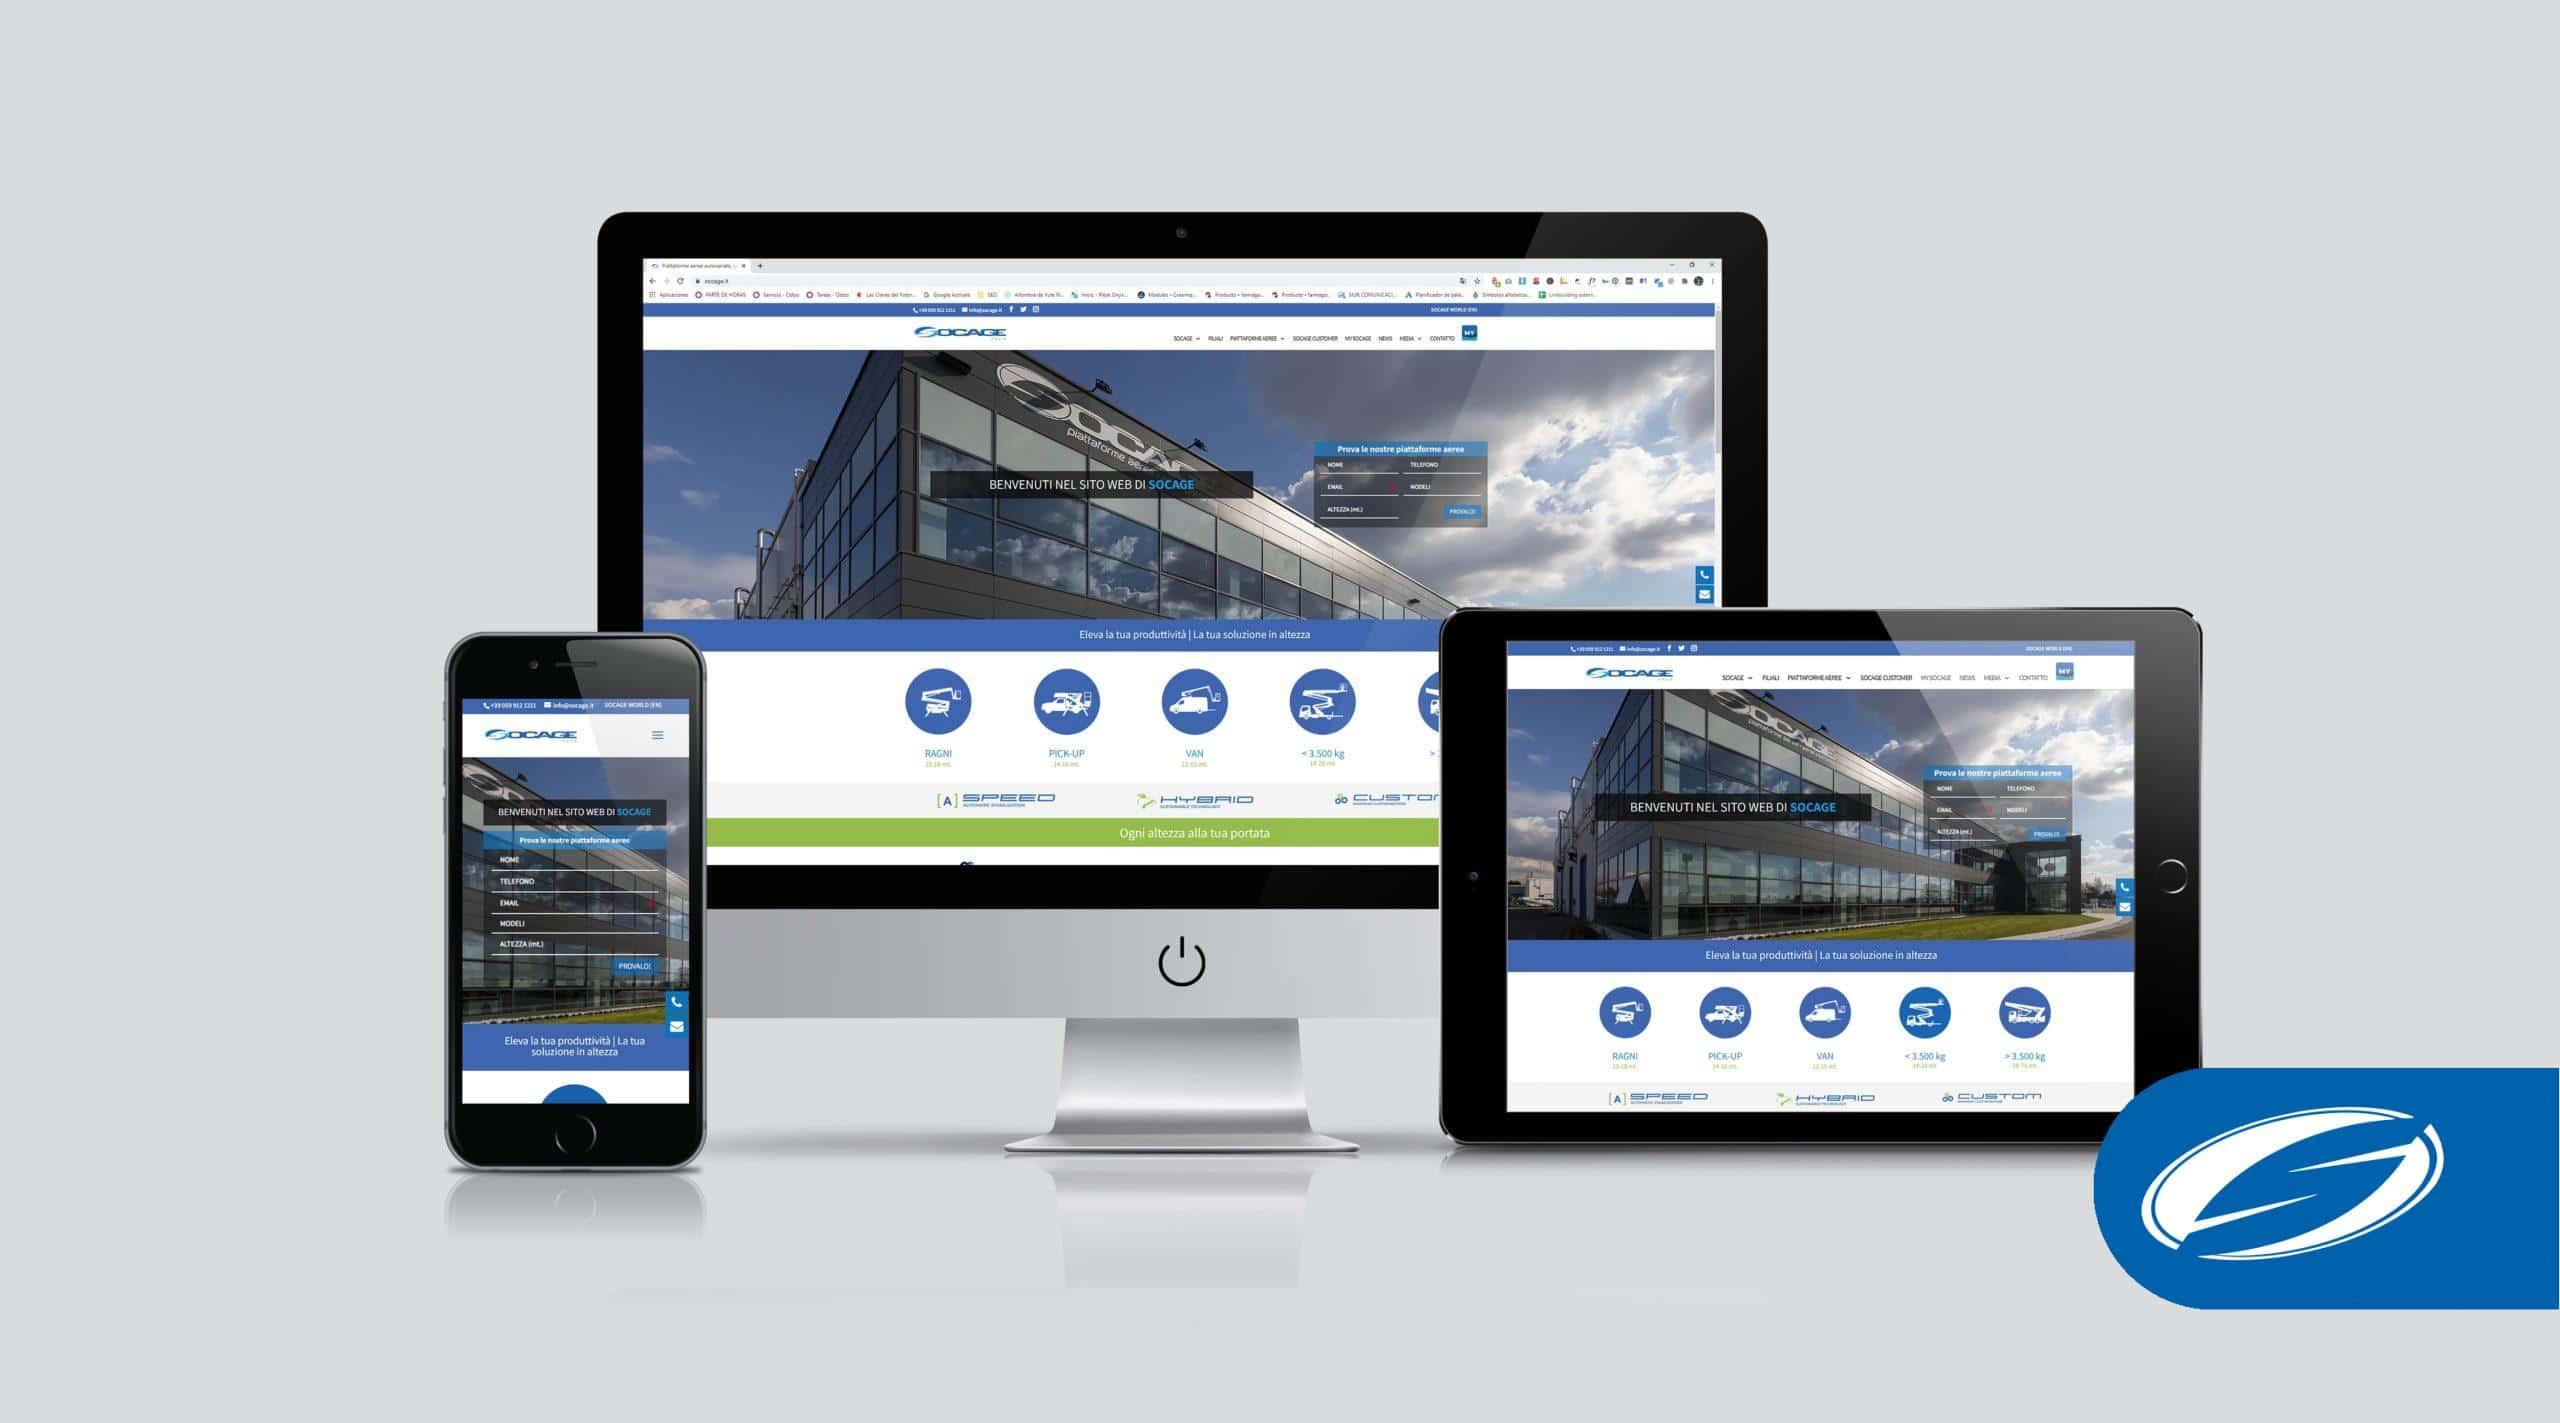 Socage nueva web de plataformas aereas